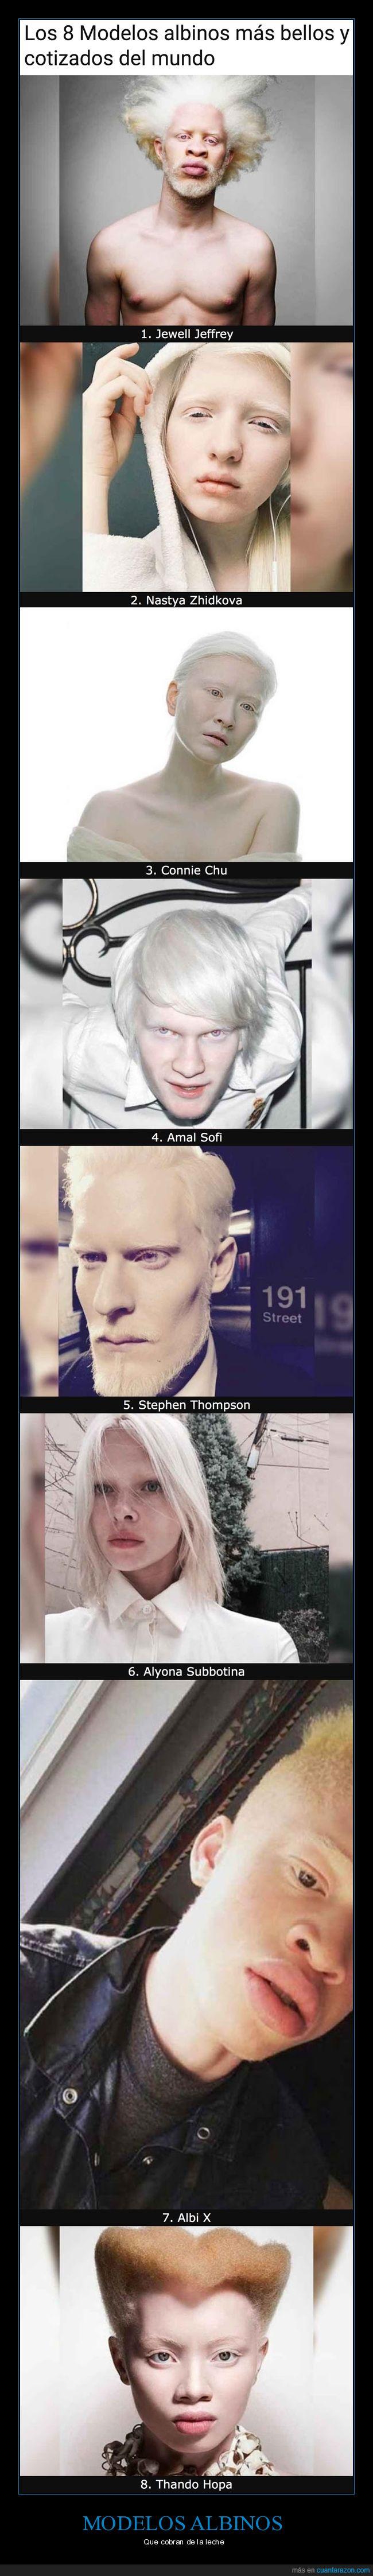 albinos,curiosidades,modelos